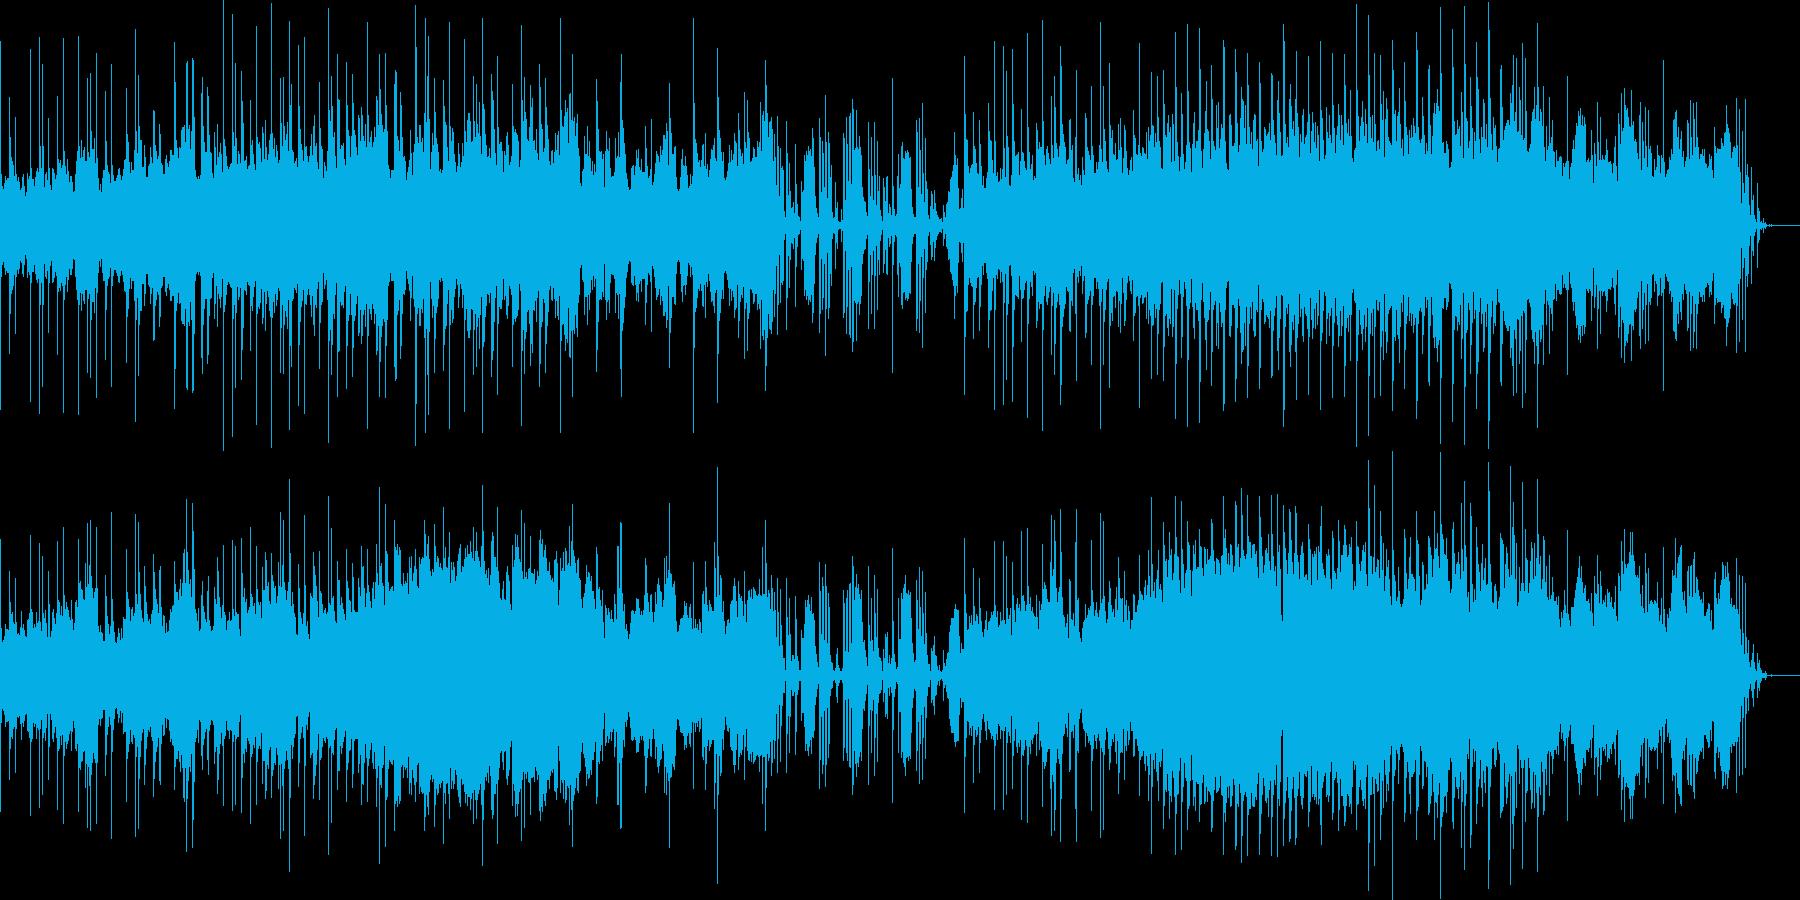 琴、和太鼓、尺八を活かした和風な映像向きの再生済みの波形